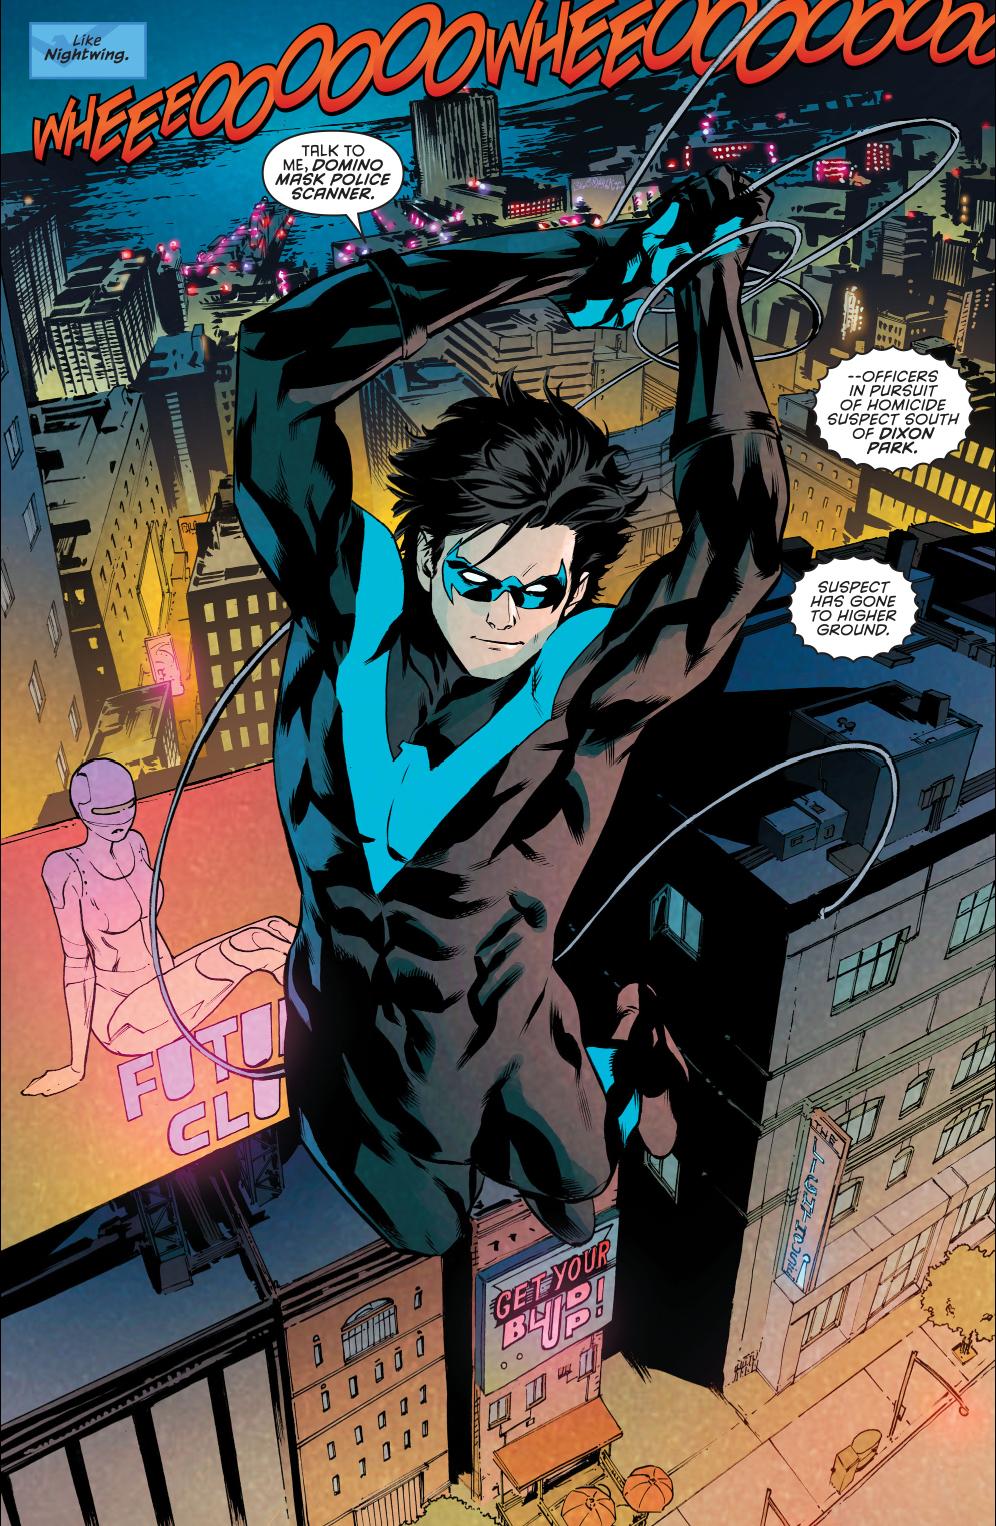 Nightwing (Nightwing Vol. 4 #10)